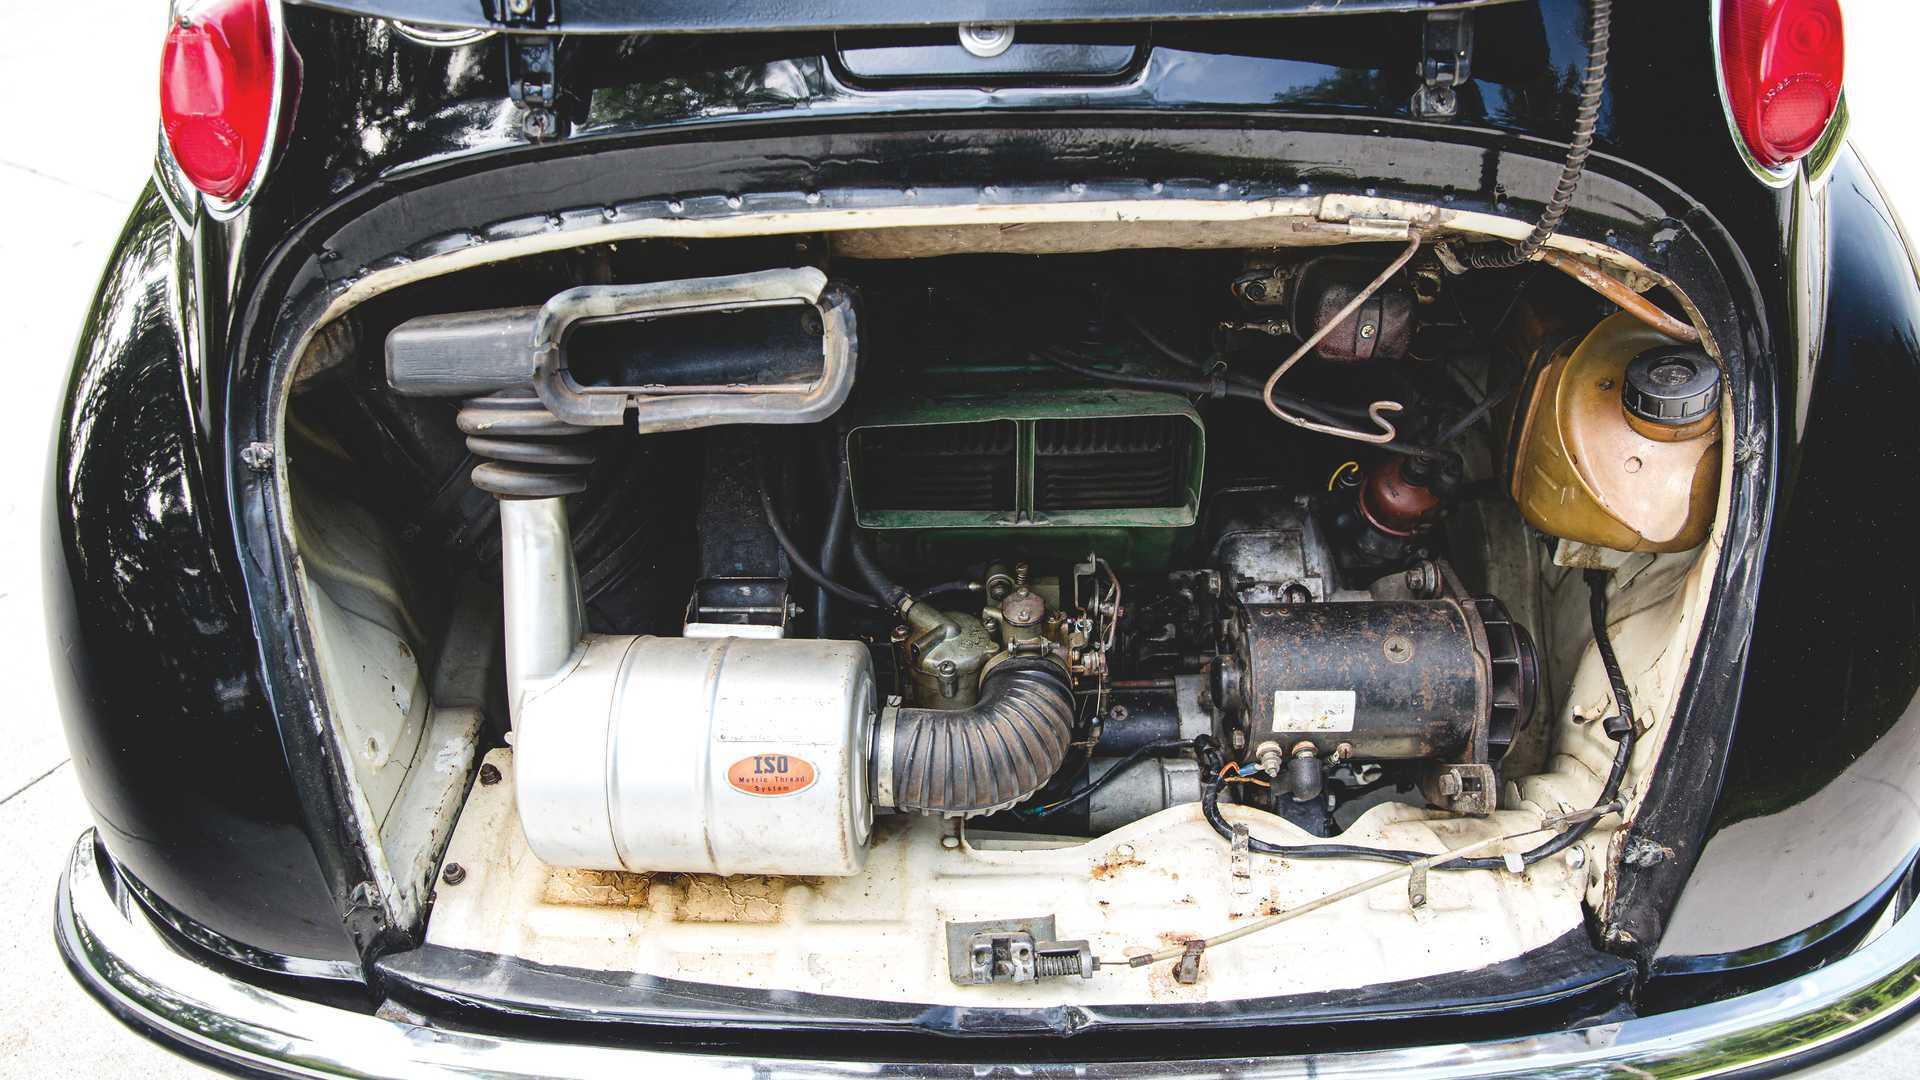 У рух автомобіль приводить 25-сильний 2-циліндровий мотор об'ємом всього 0,36 л